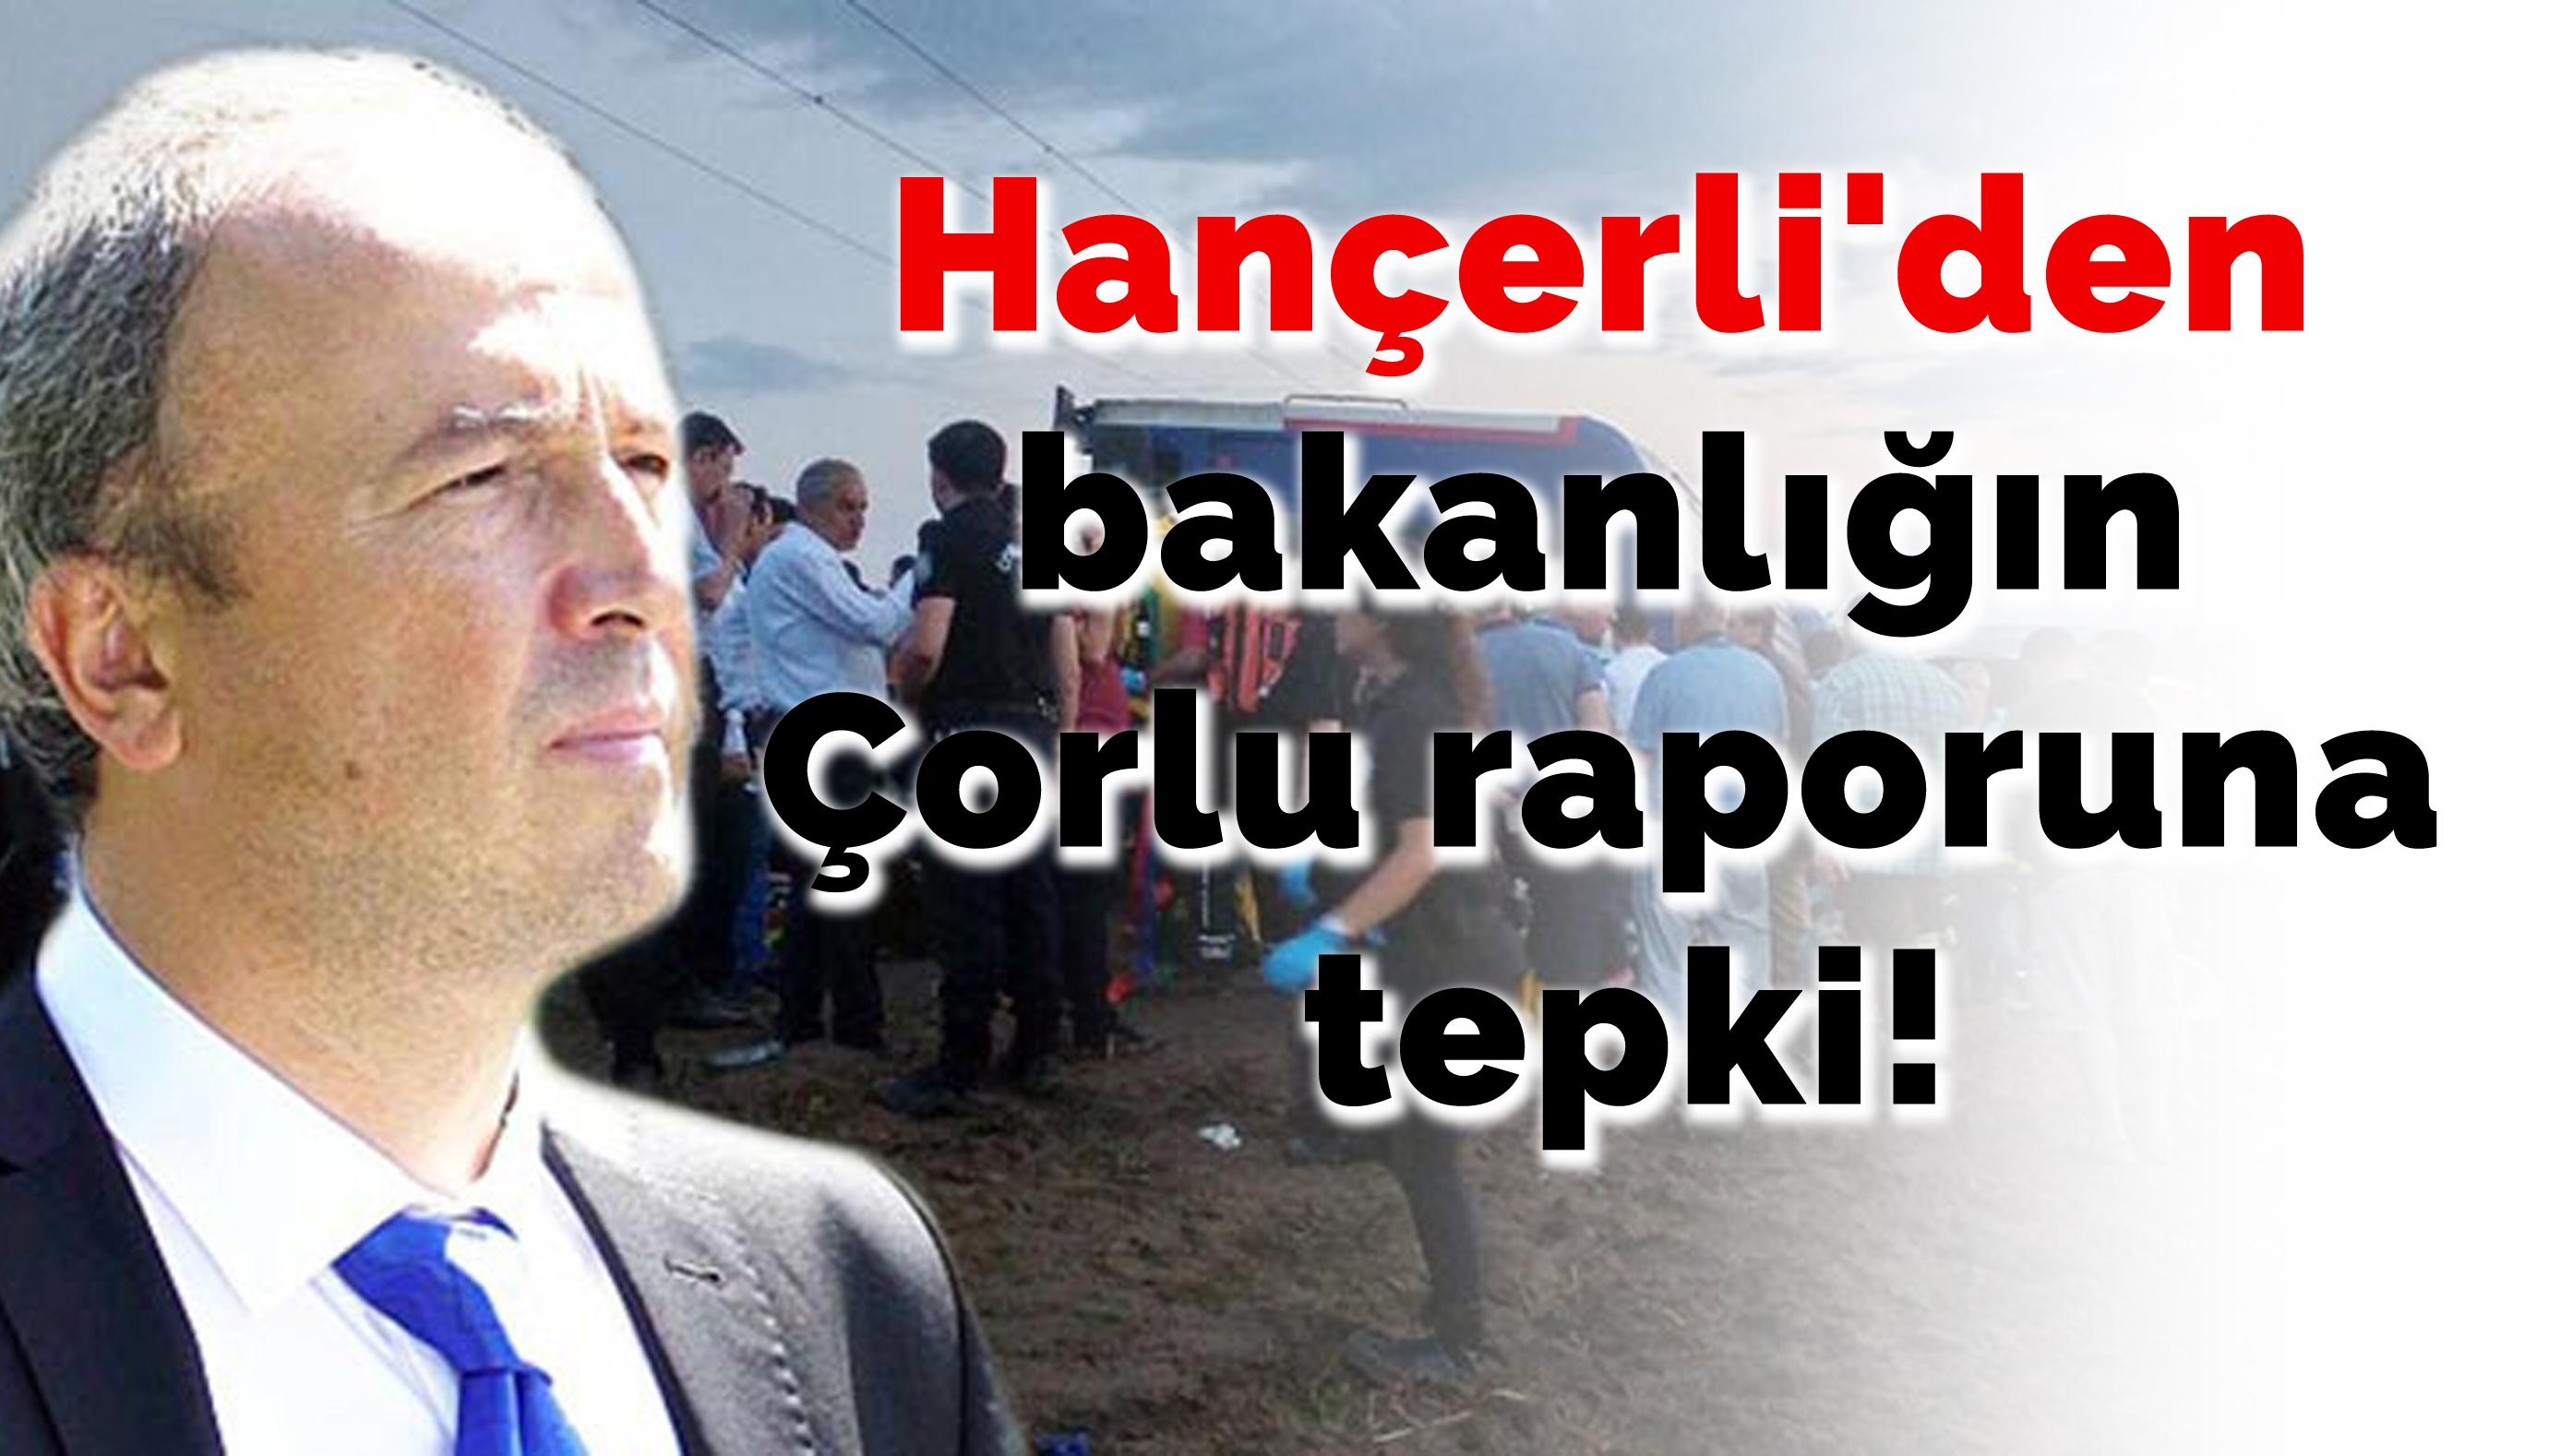 Turan Hançerli'den bakanlığın Çorlu raporuna tepki